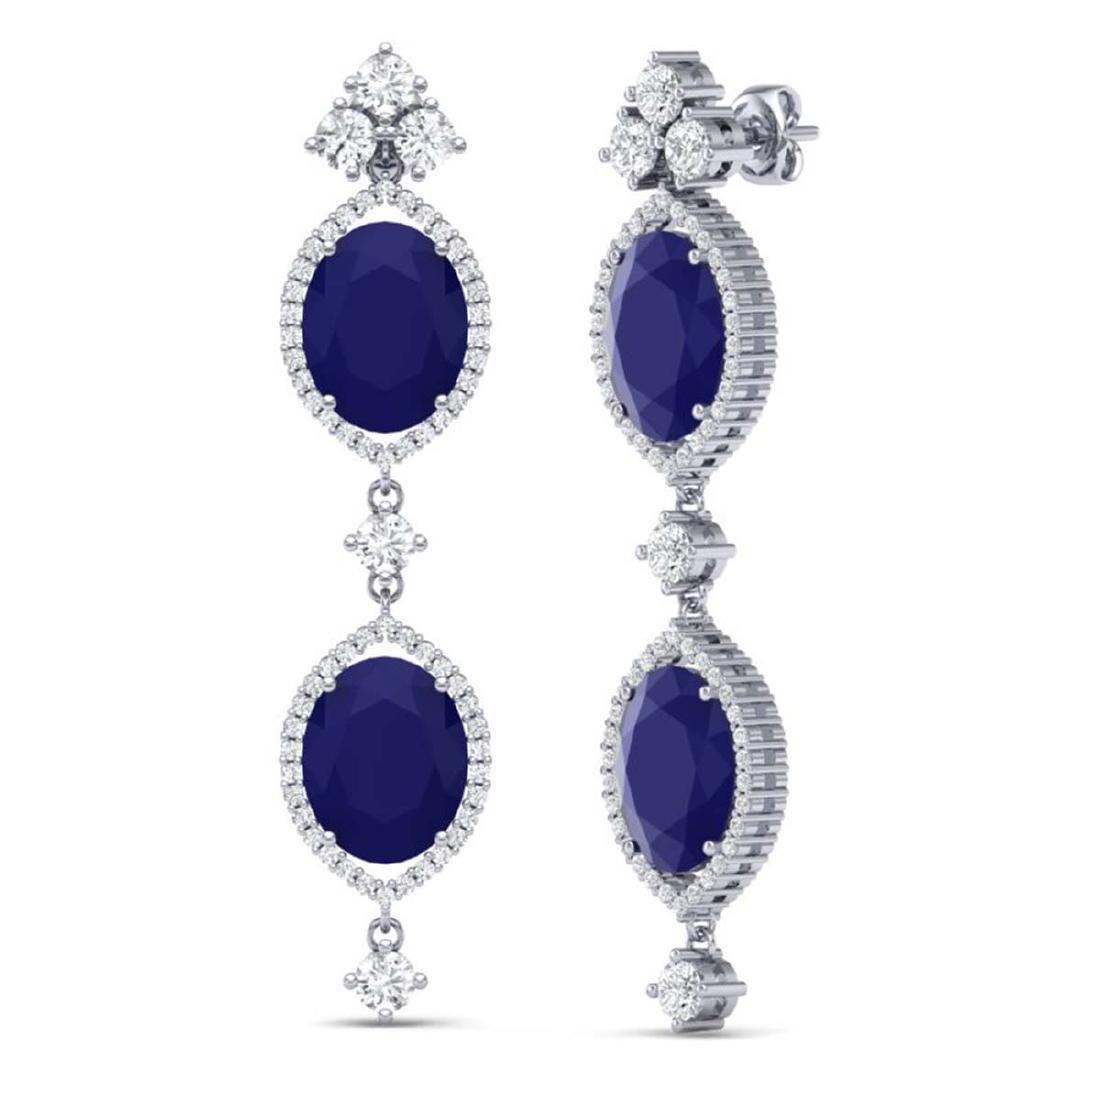 15.81 ctw Sapphire & VS Diamond Earrings 18K White Gold - 3